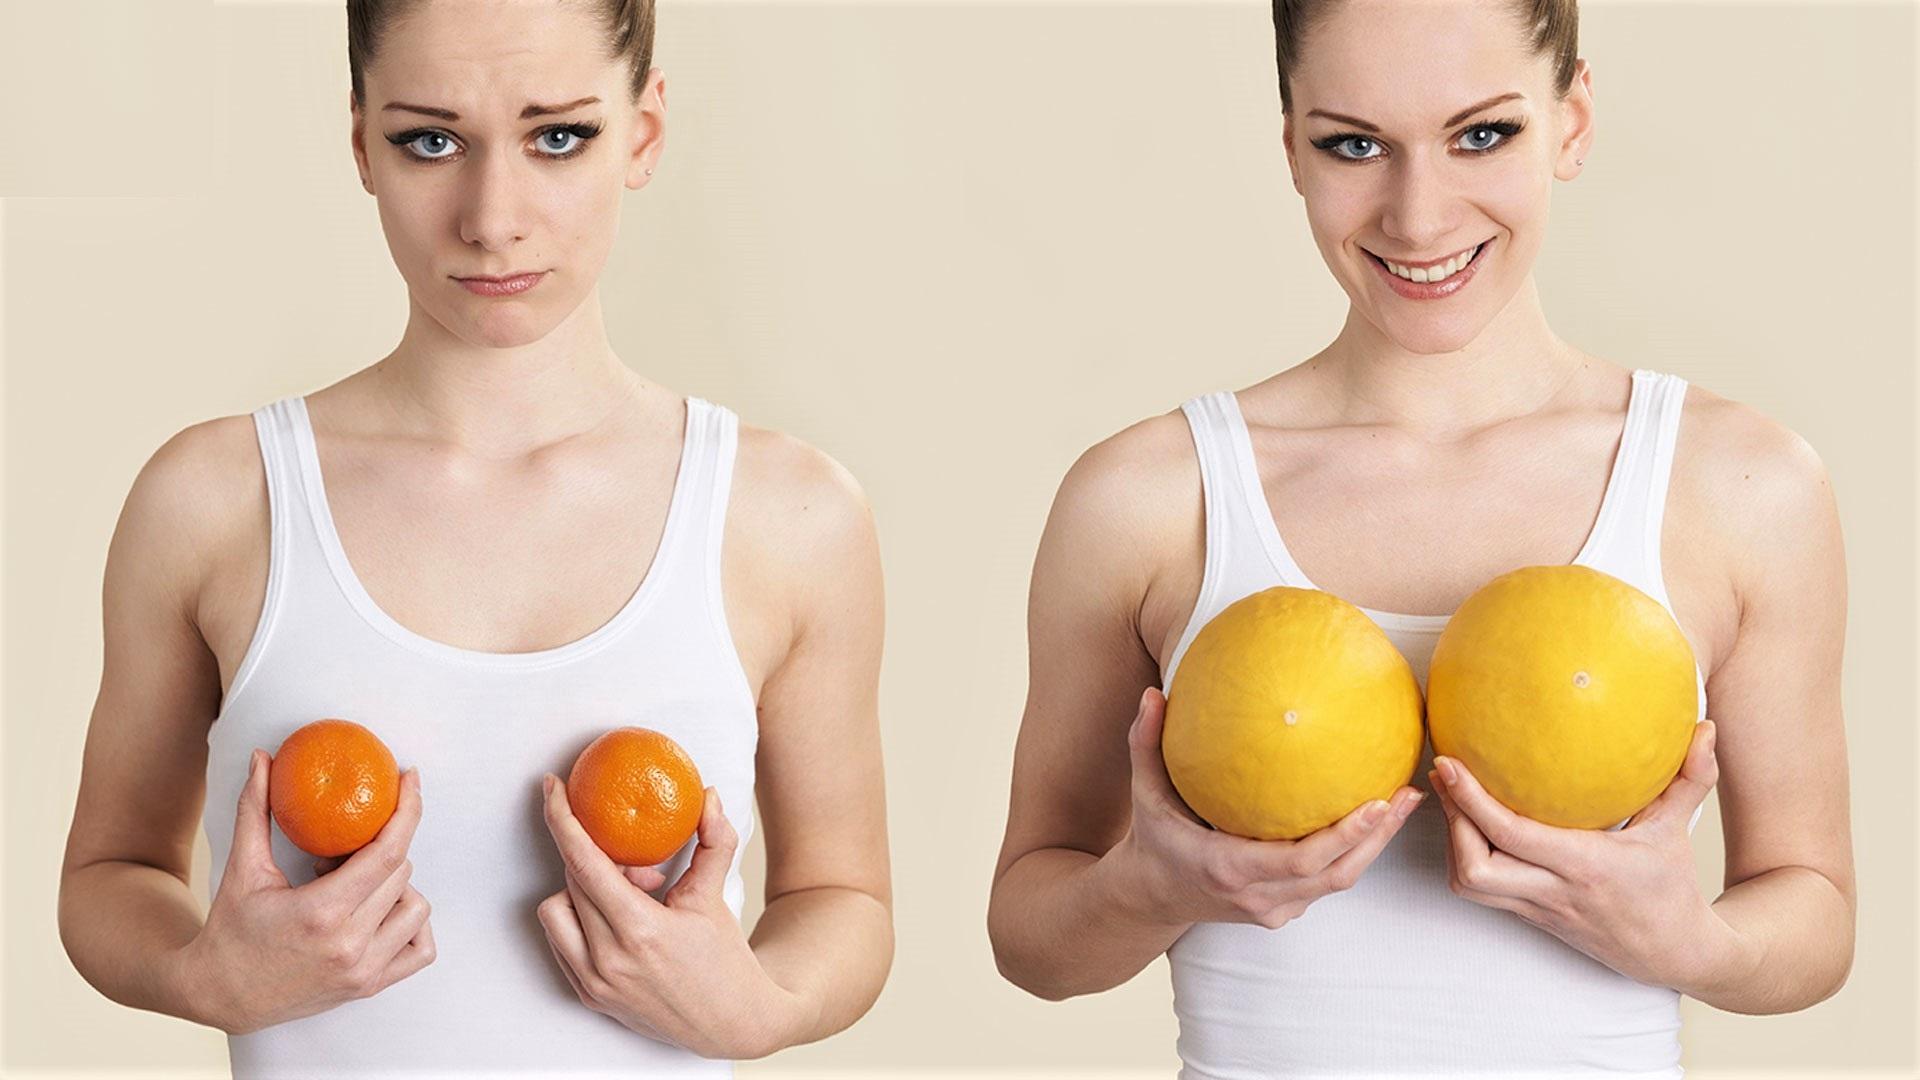 2. Cách làm ngực to ra với các bài tập thể dục